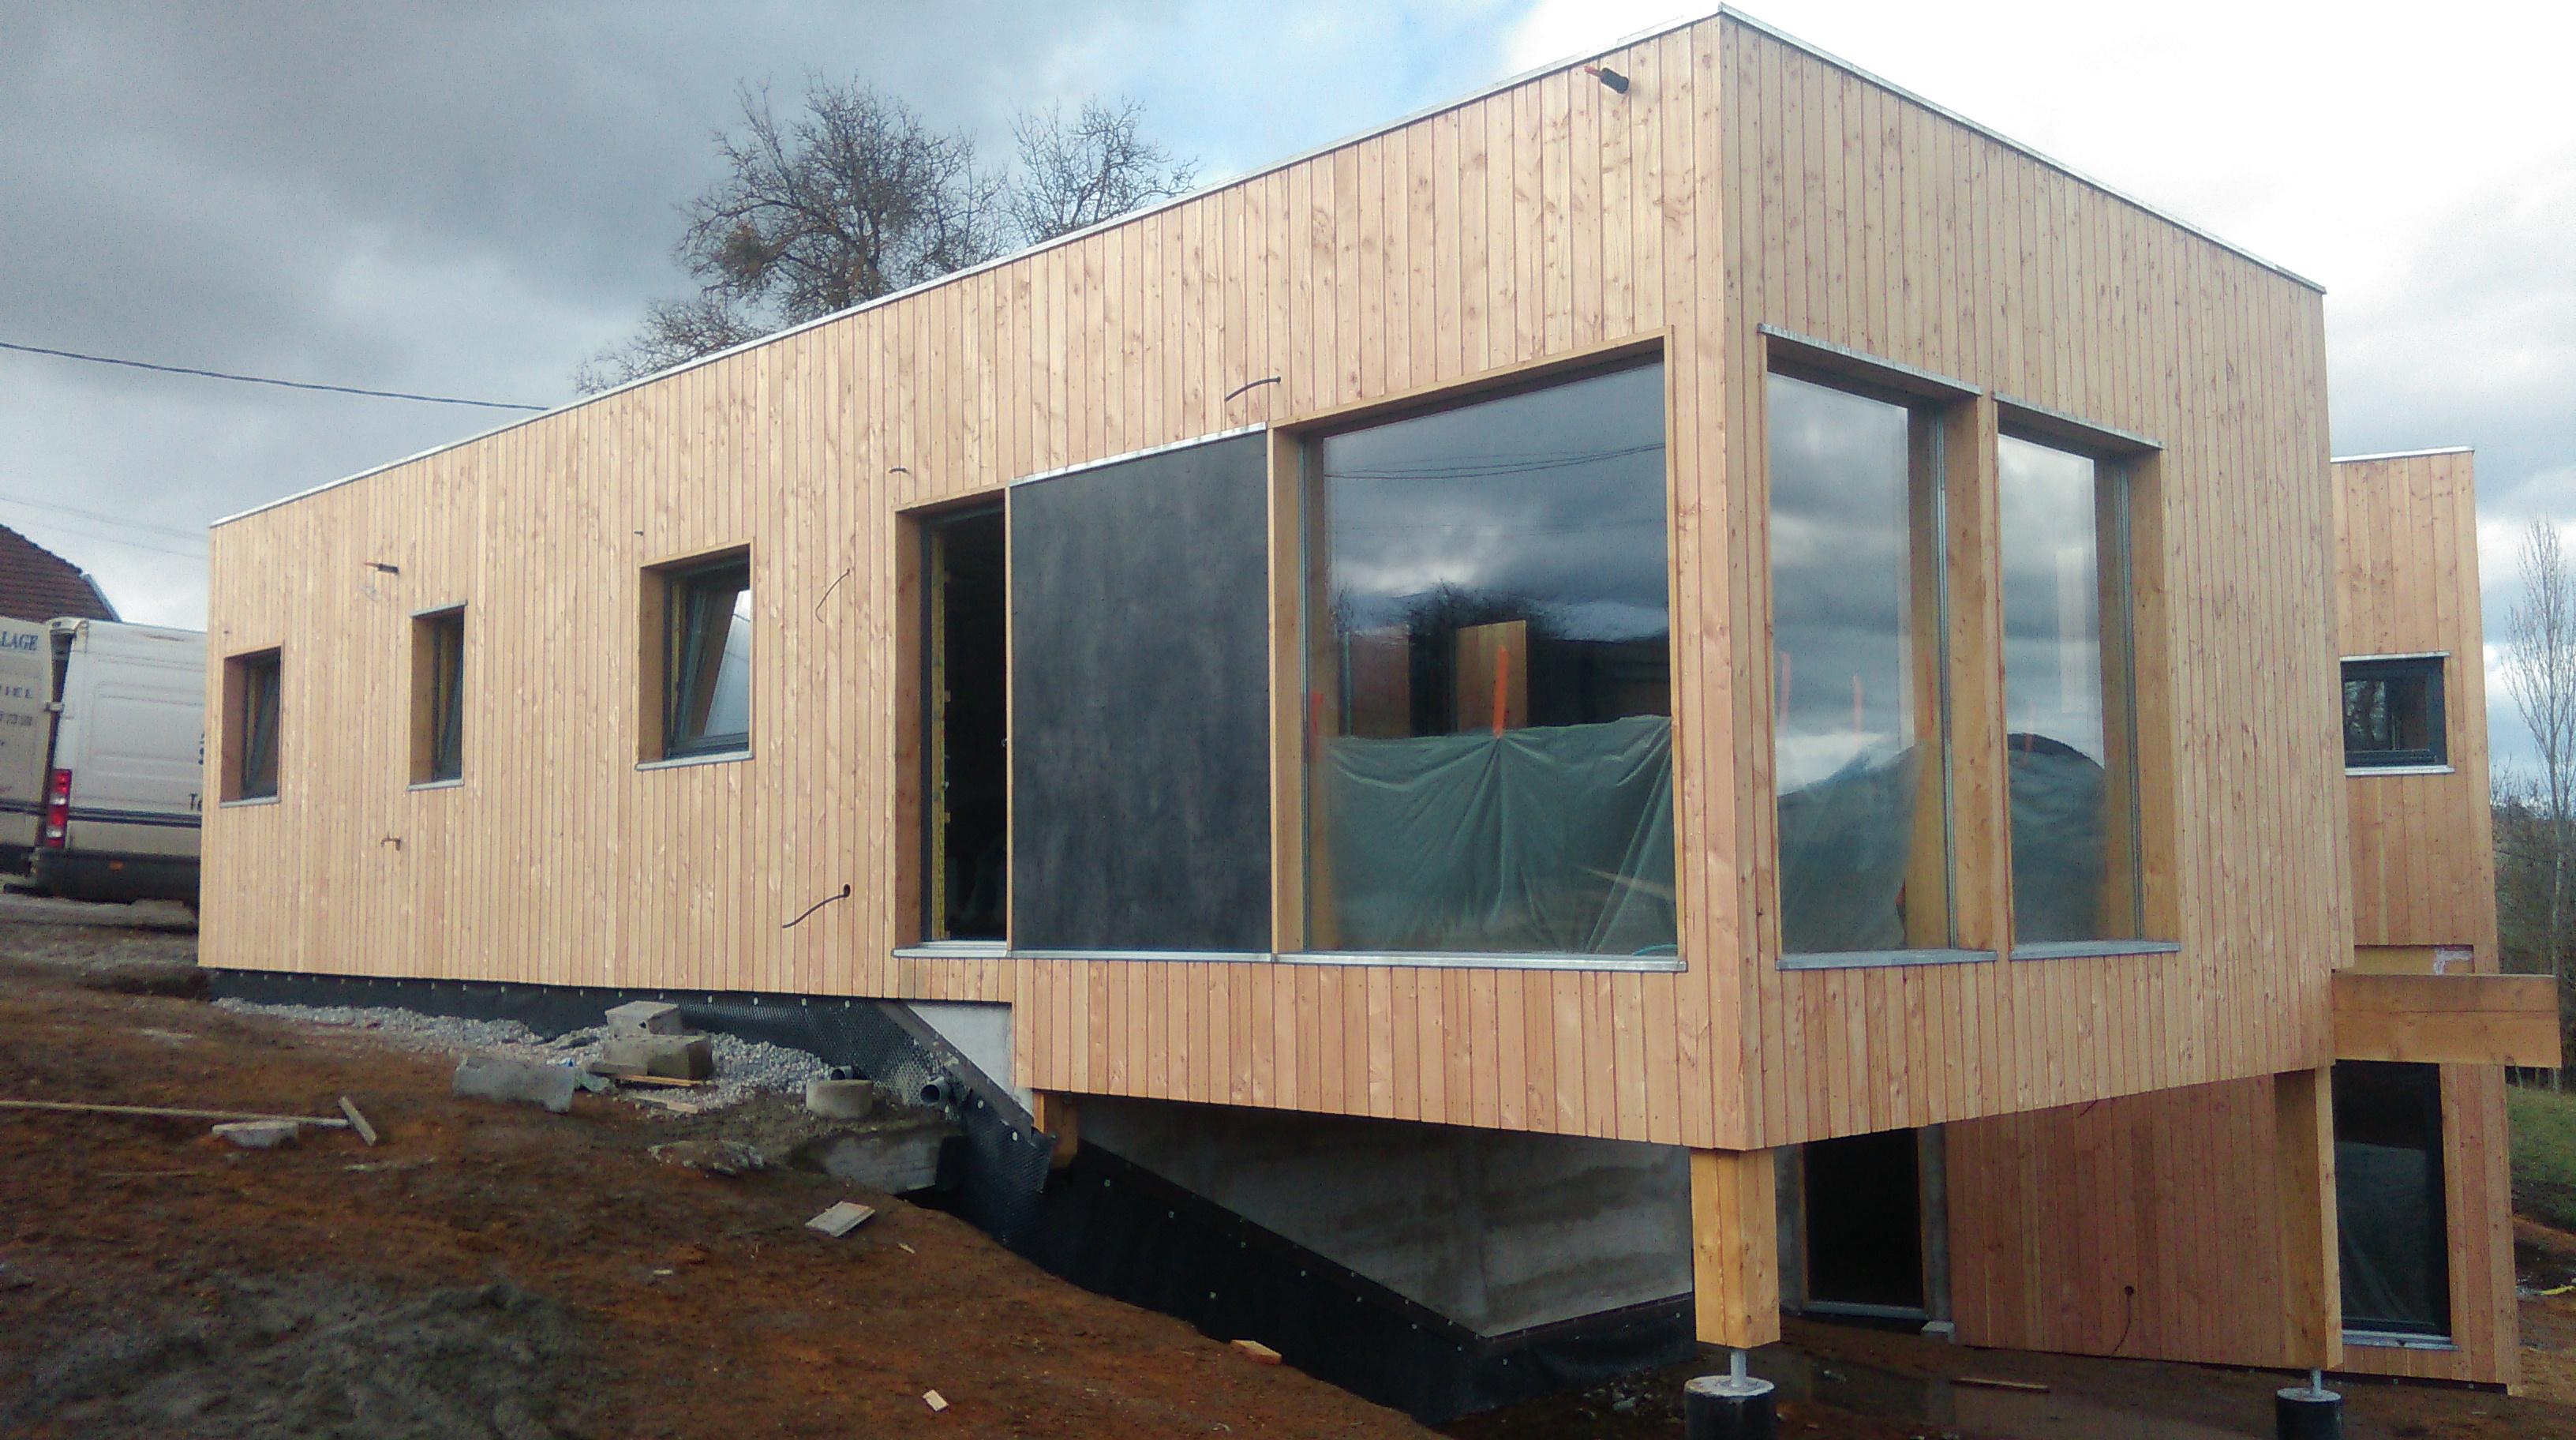 Maison ossature bois sur pilotis gallery of extension maison ossature bois s - Extension ossature bois sur pilotis ...